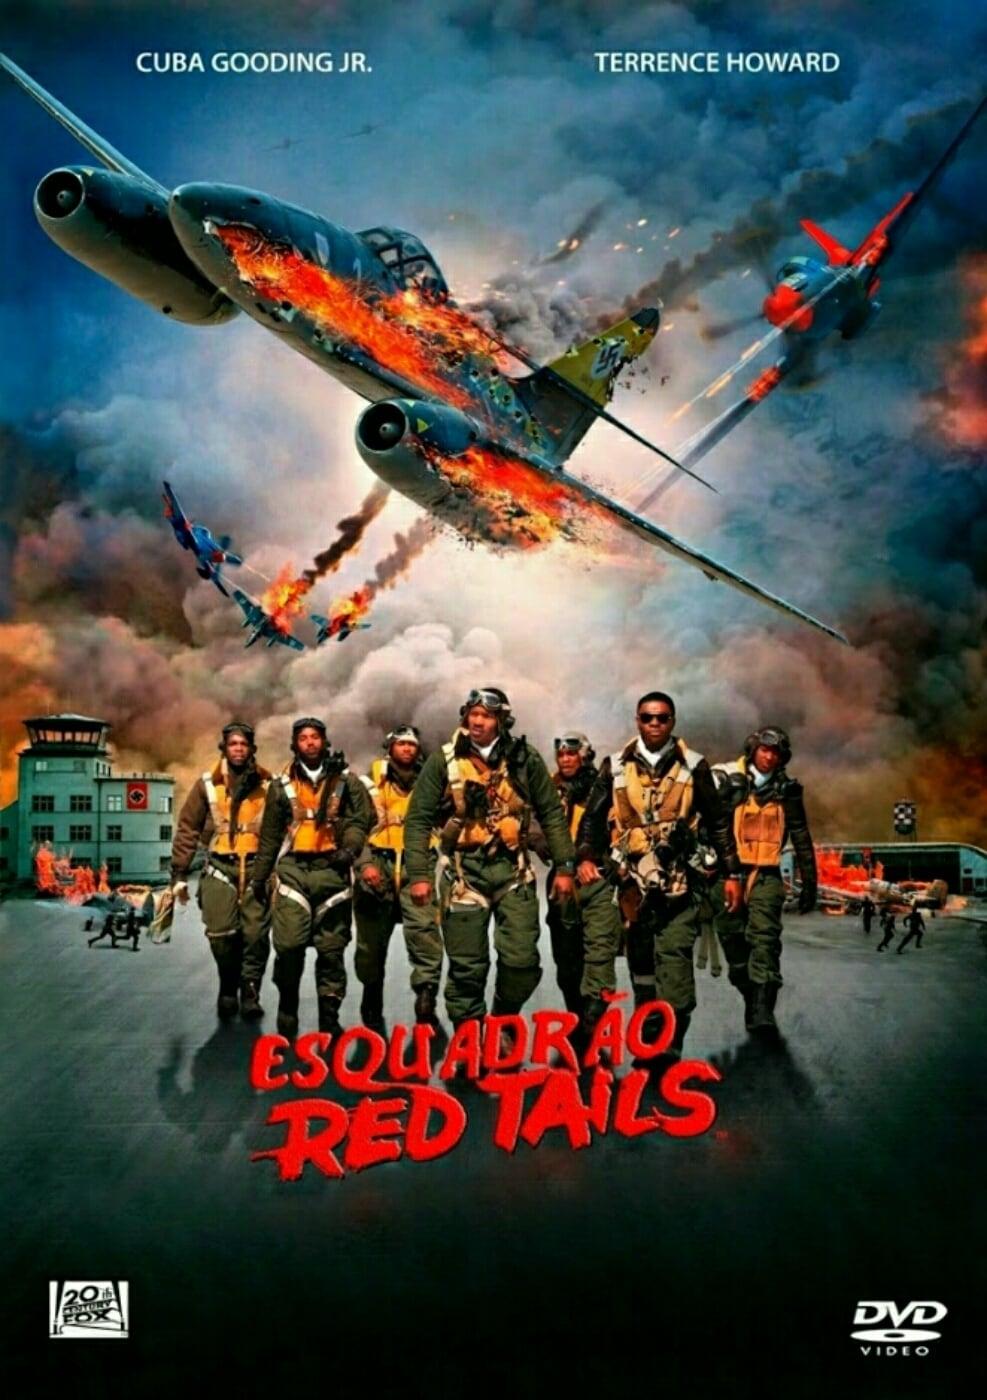 Baixar Esquadrão Red Tails Dublado via Torrent